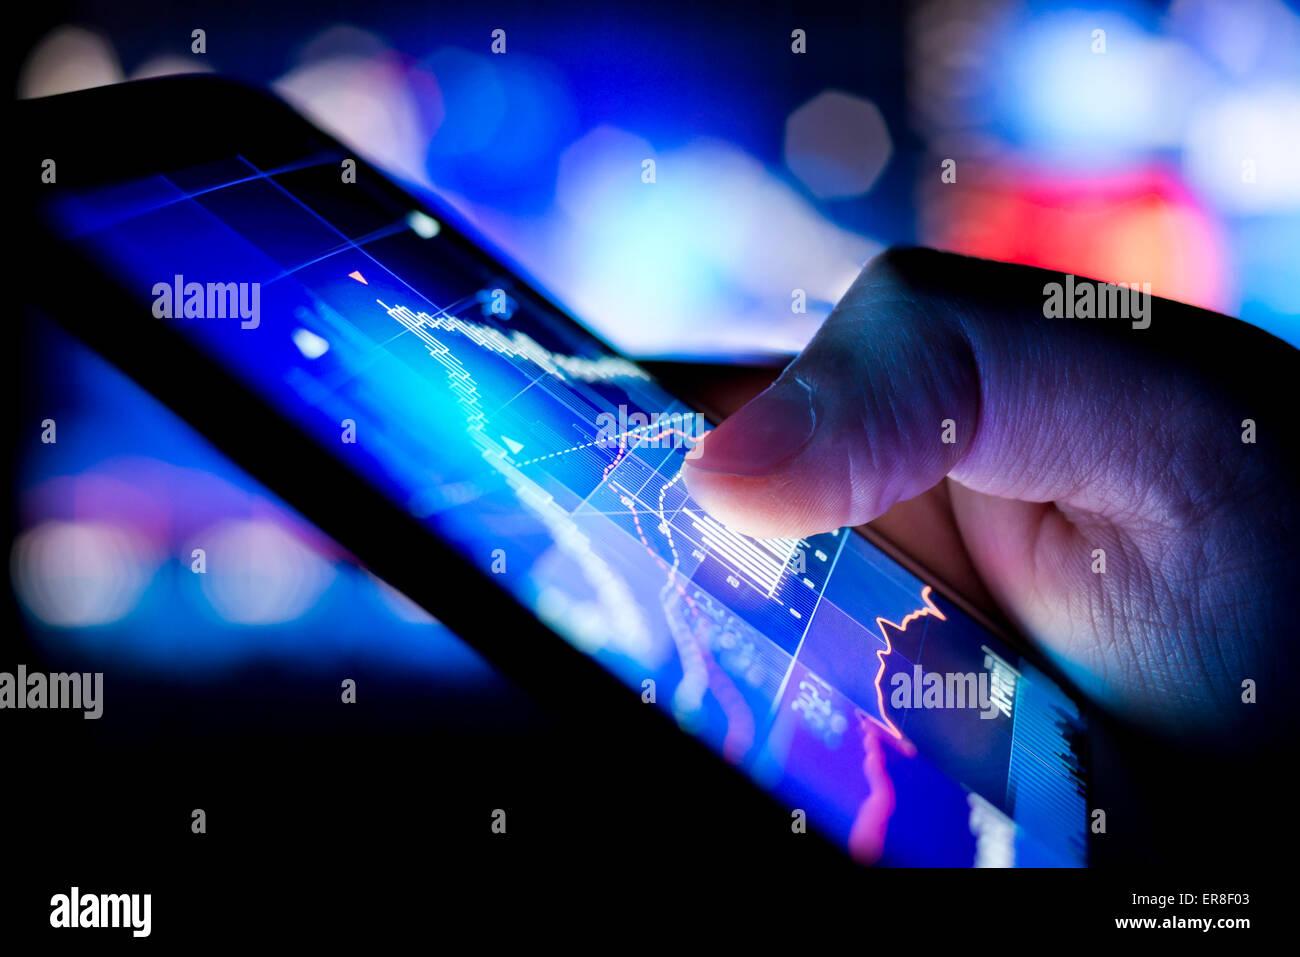 Eine Person, die Börsendaten auf einem mobilen Gerät zu überprüfen. Stockbild